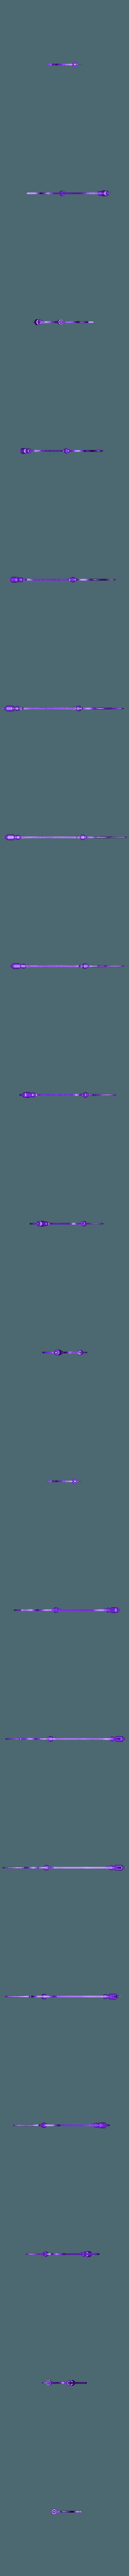 nurse_weapon.stl Télécharger fichier STL gratuit Infirmière de Dead by Daylight • Plan pour impression 3D, Hobbyman